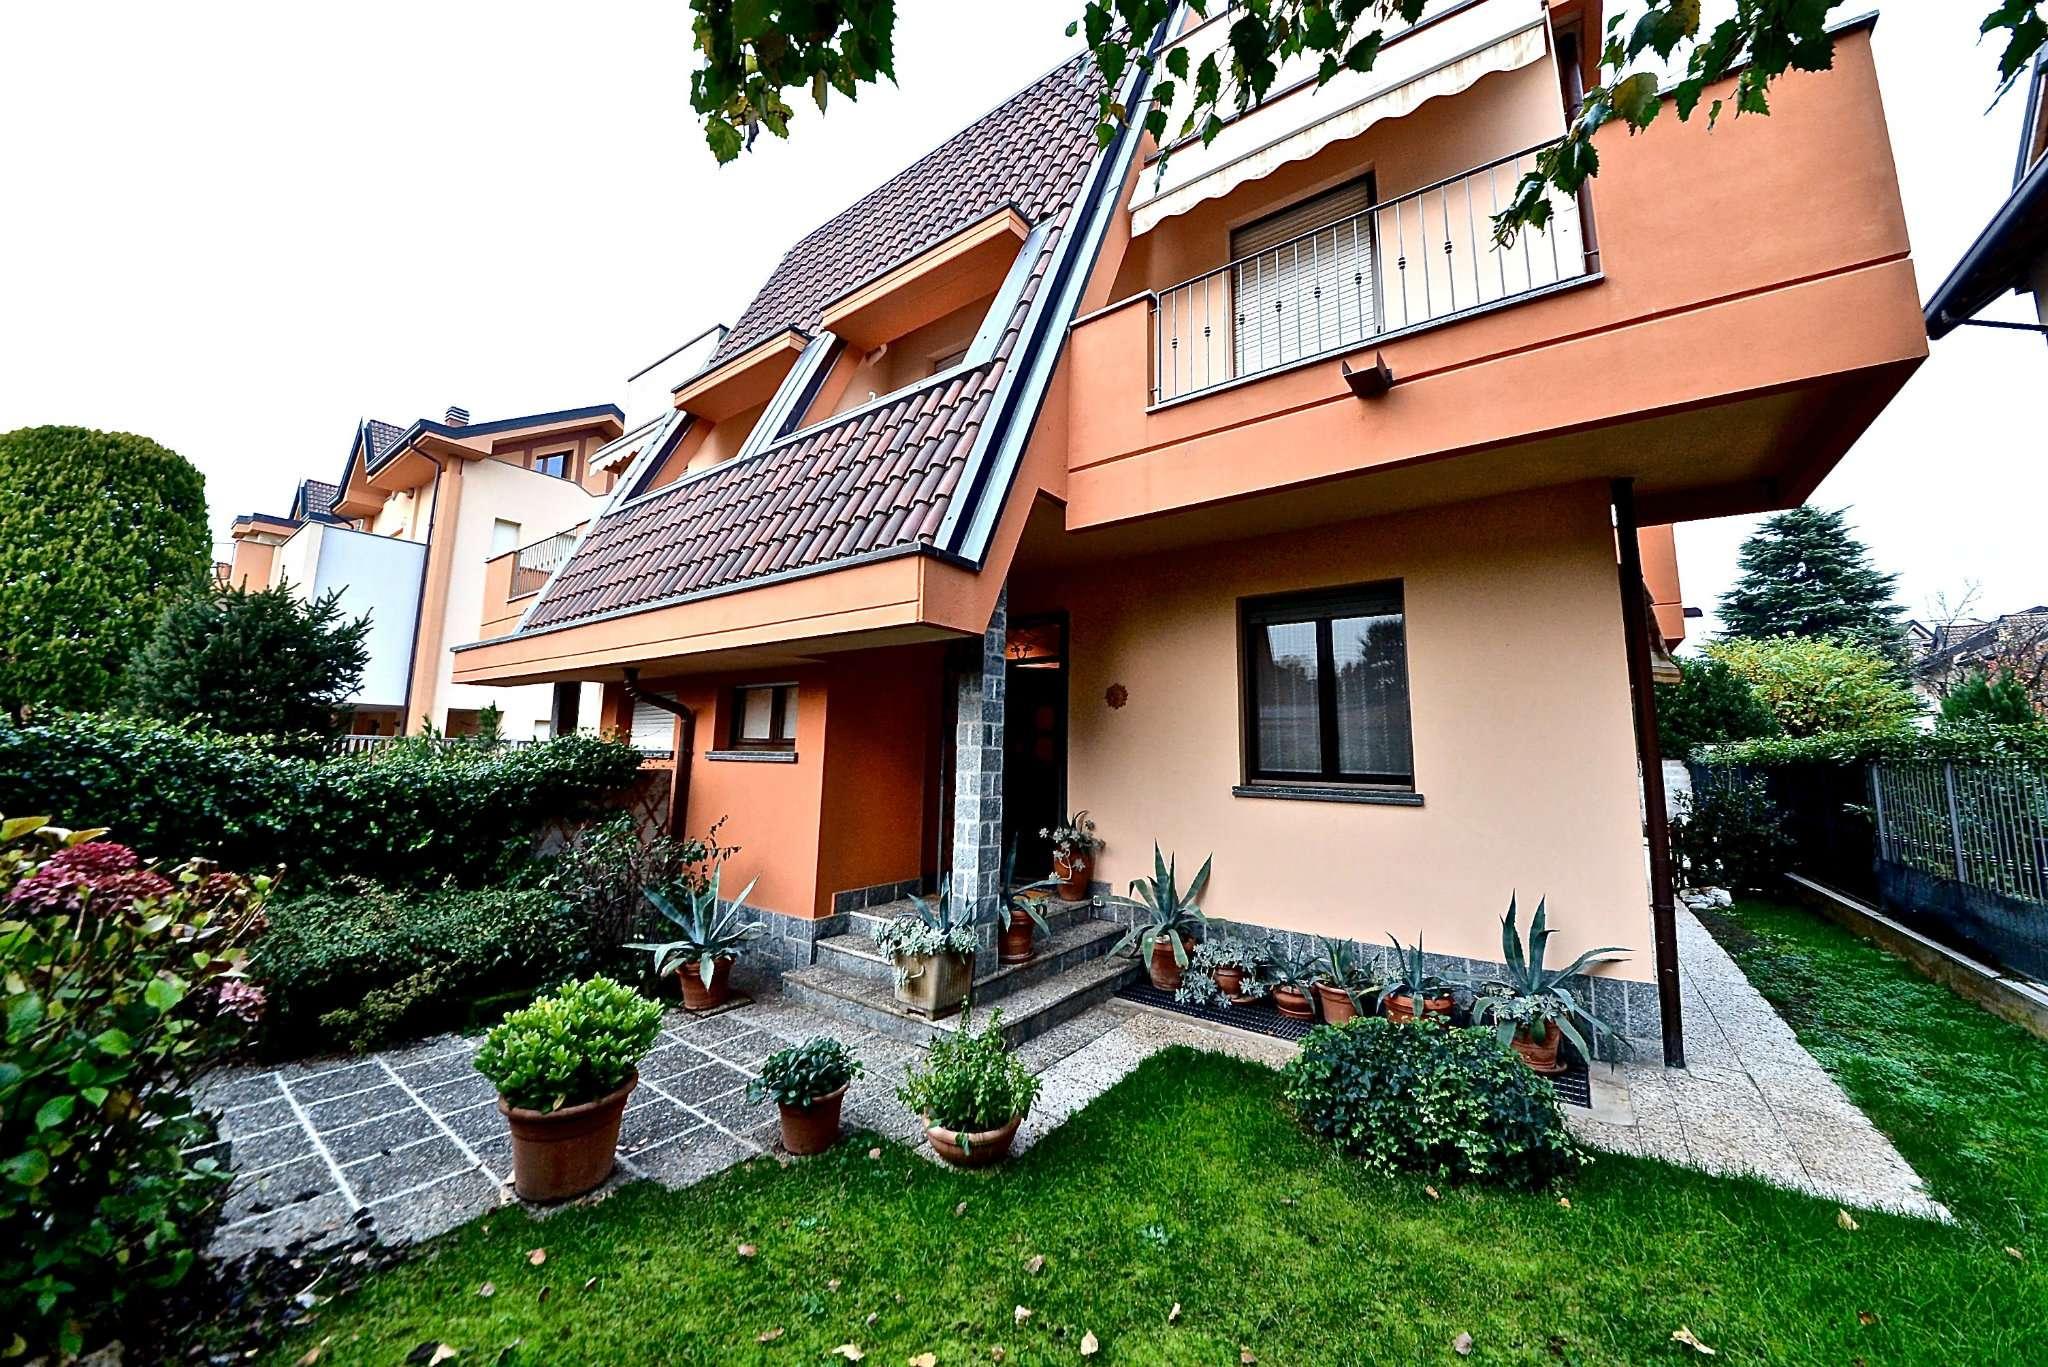 Villa in vendita a Nova Milanese, 4 locali, prezzo € 340.000 | Cambio Casa.it